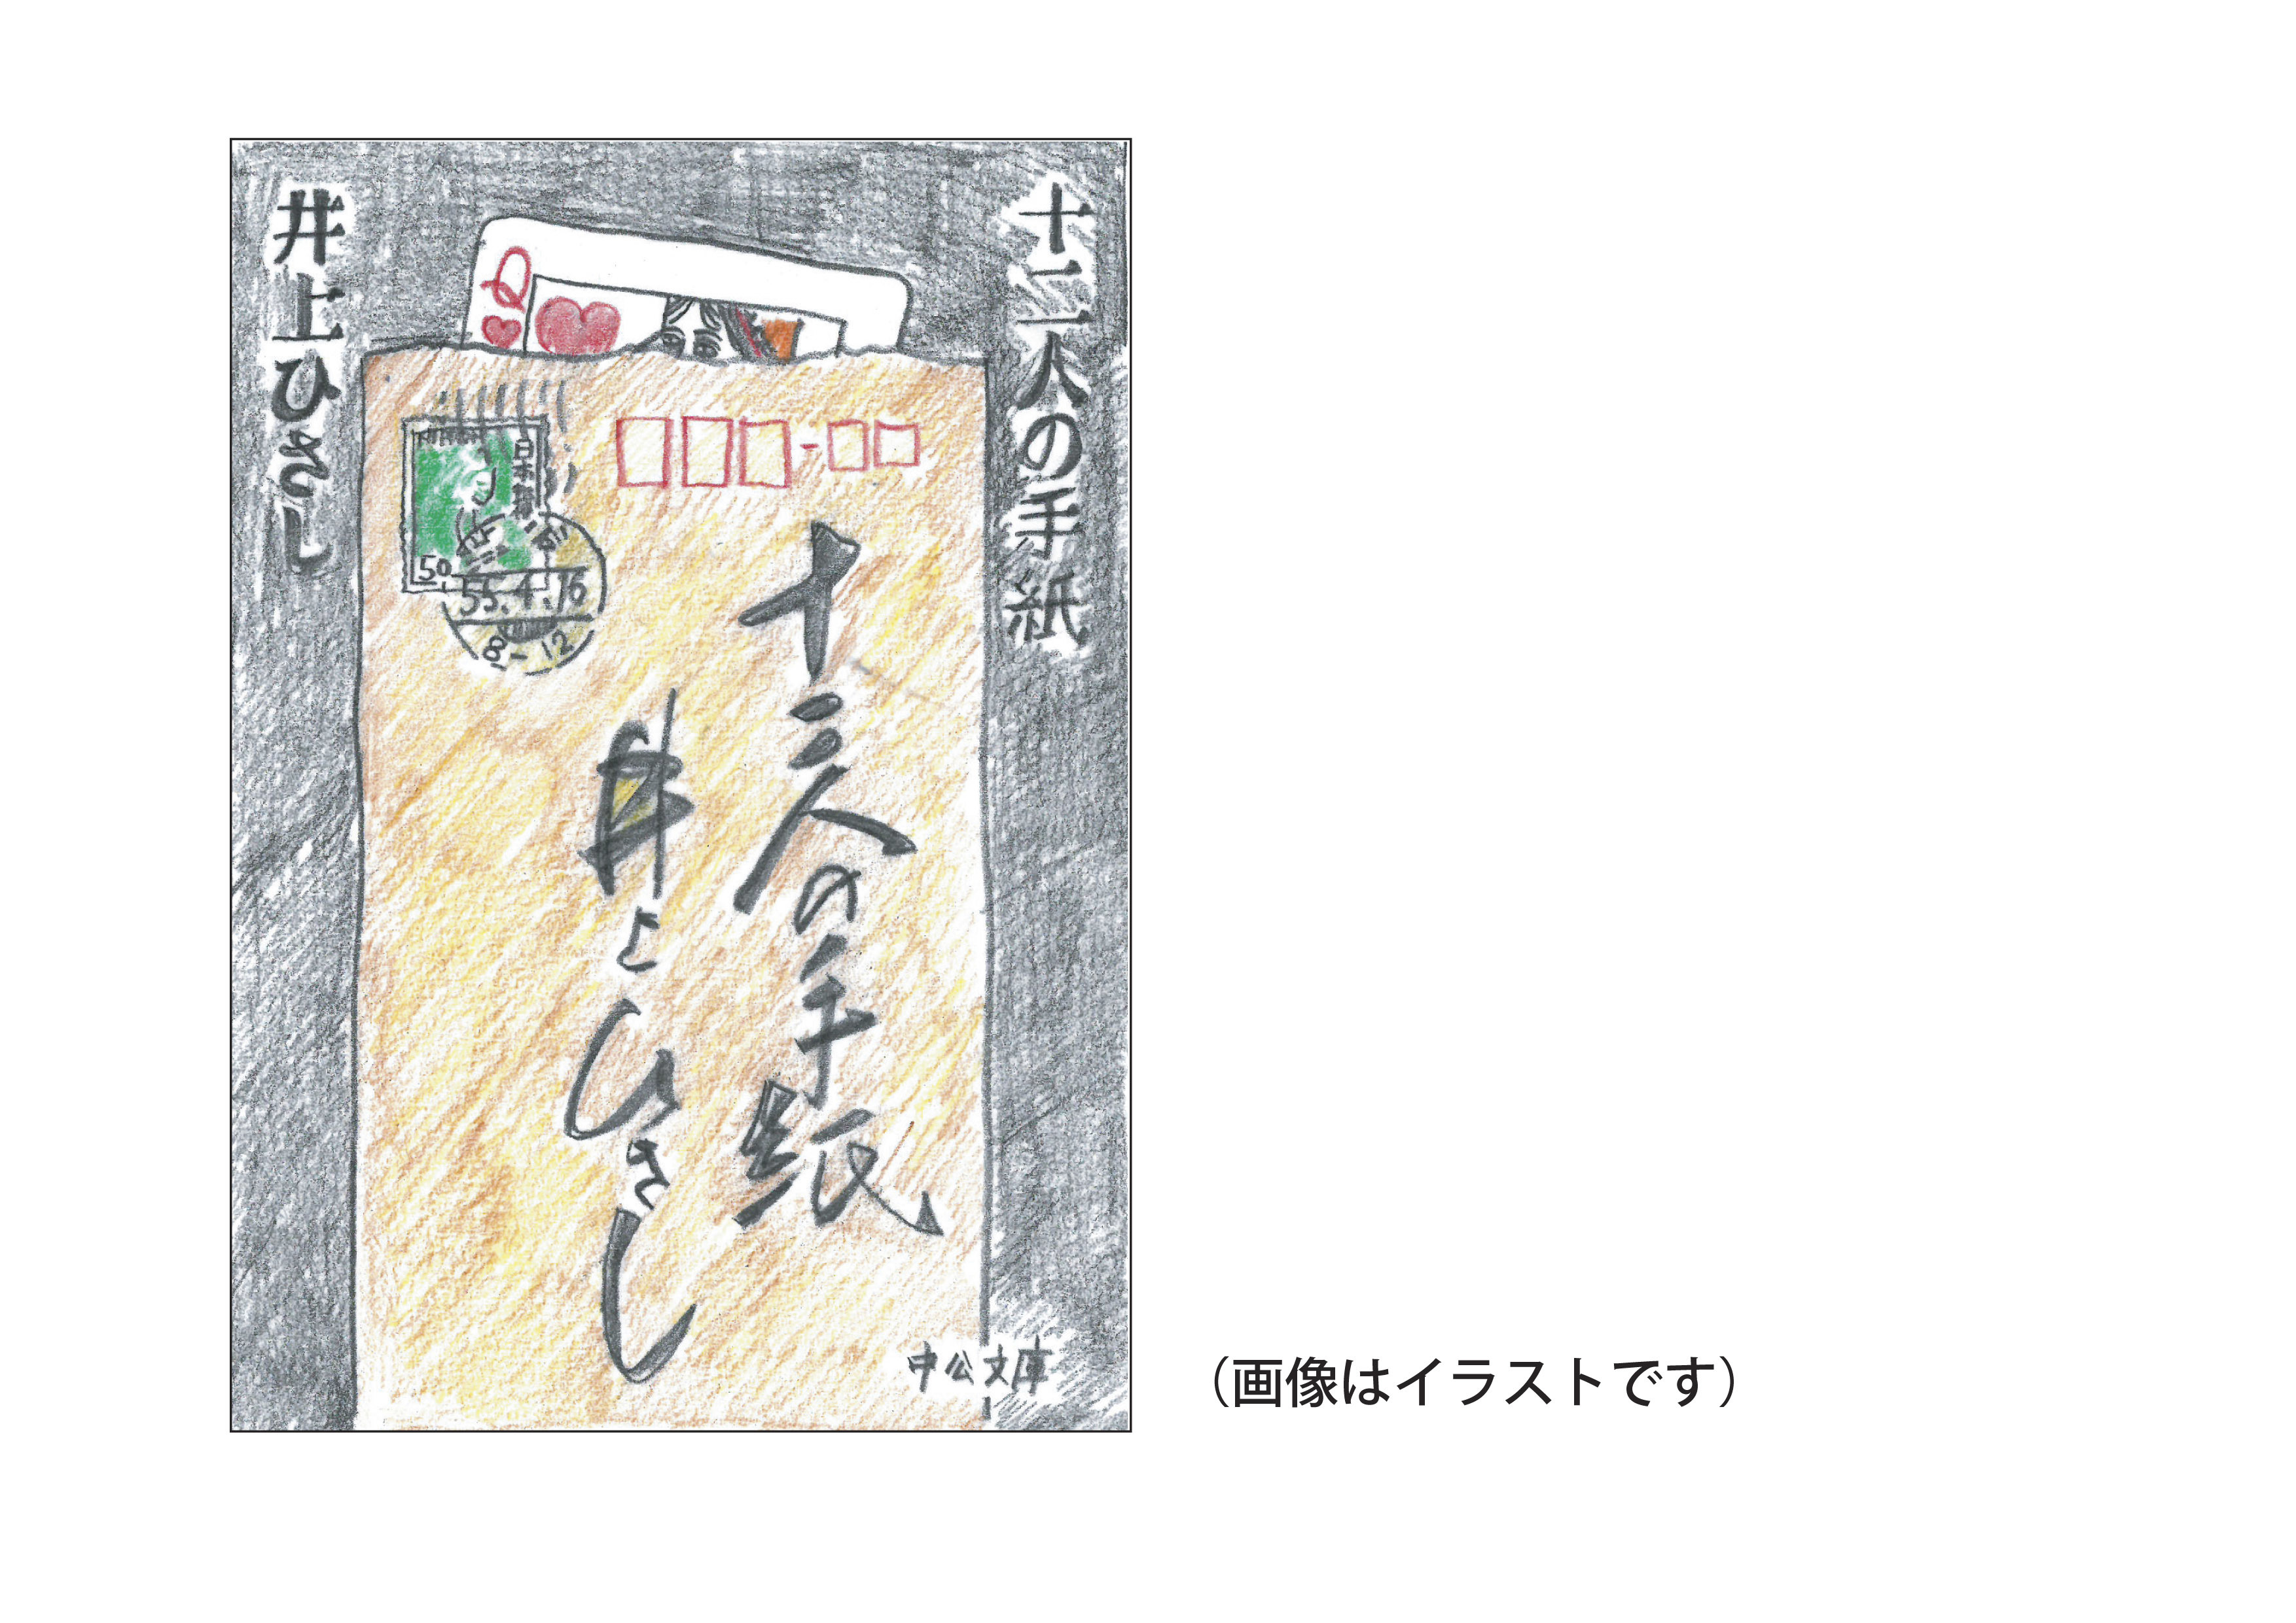 手紙 井上 人 ひさし の 二 十 十二人の手紙<改版>/井上ひさし 本・漫画やDVD・CD・ゲーム、アニメをTポイントで通販